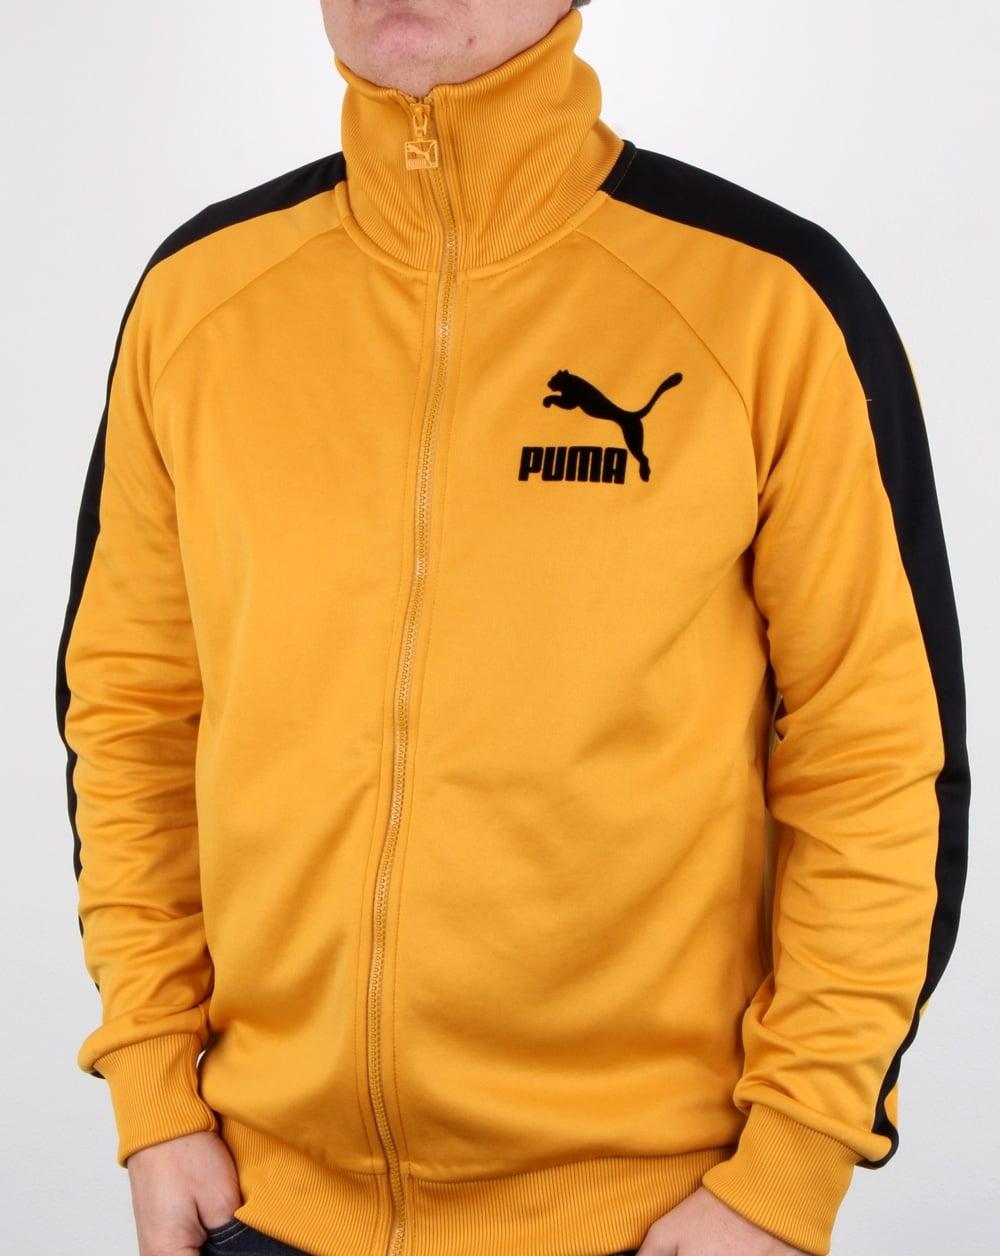 6b1d0a5b3944 Puma T7 Vintage Track Top Mineral Yellow black